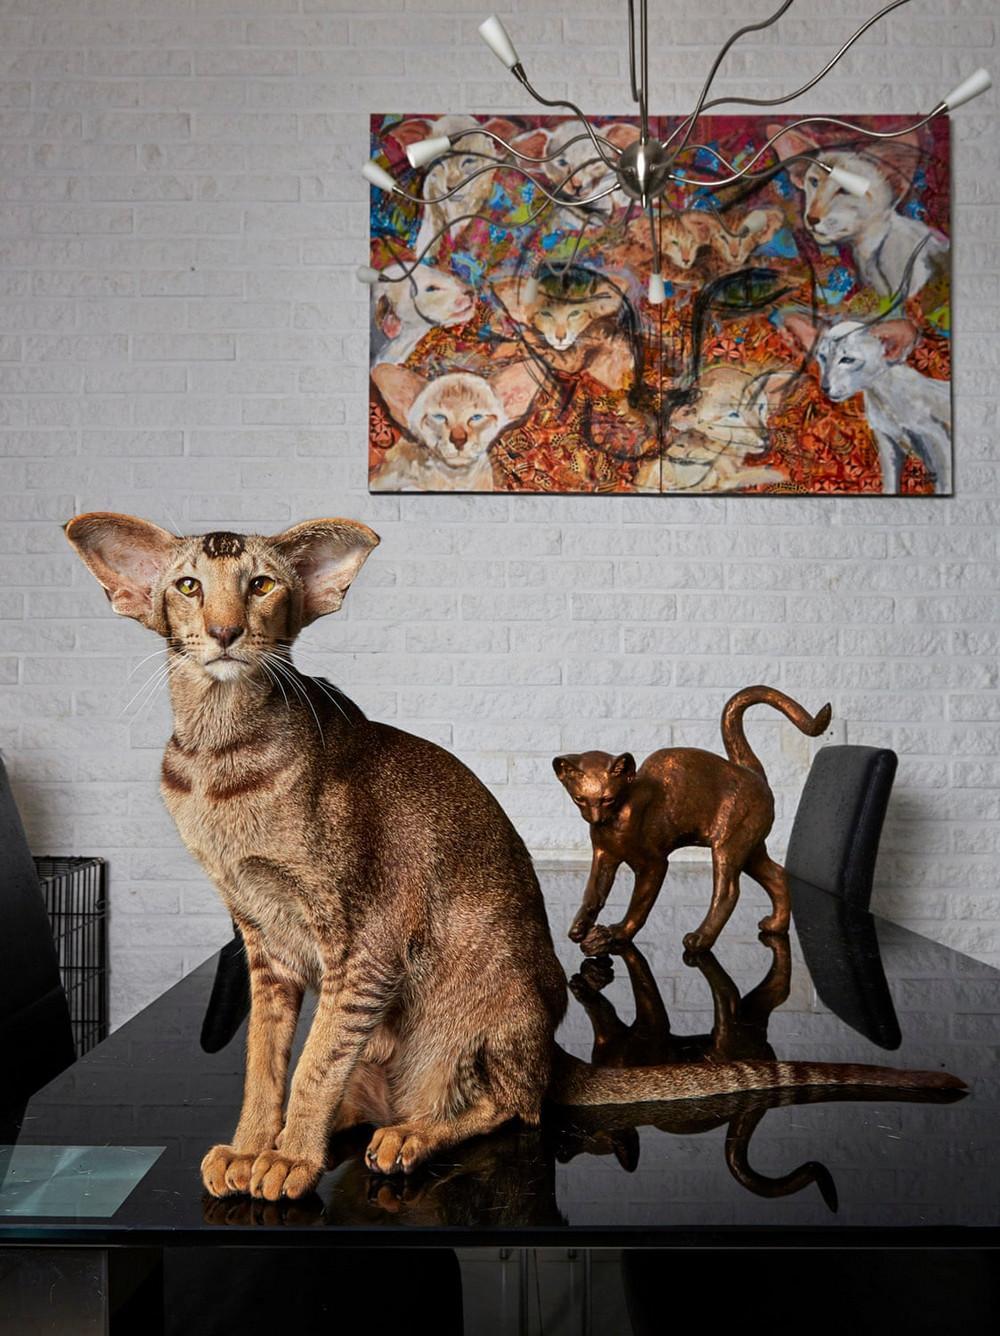 portrety-amsterdamskih-domashnih-zhivotnyh-Fotograf-Izabella-Rozendal_2